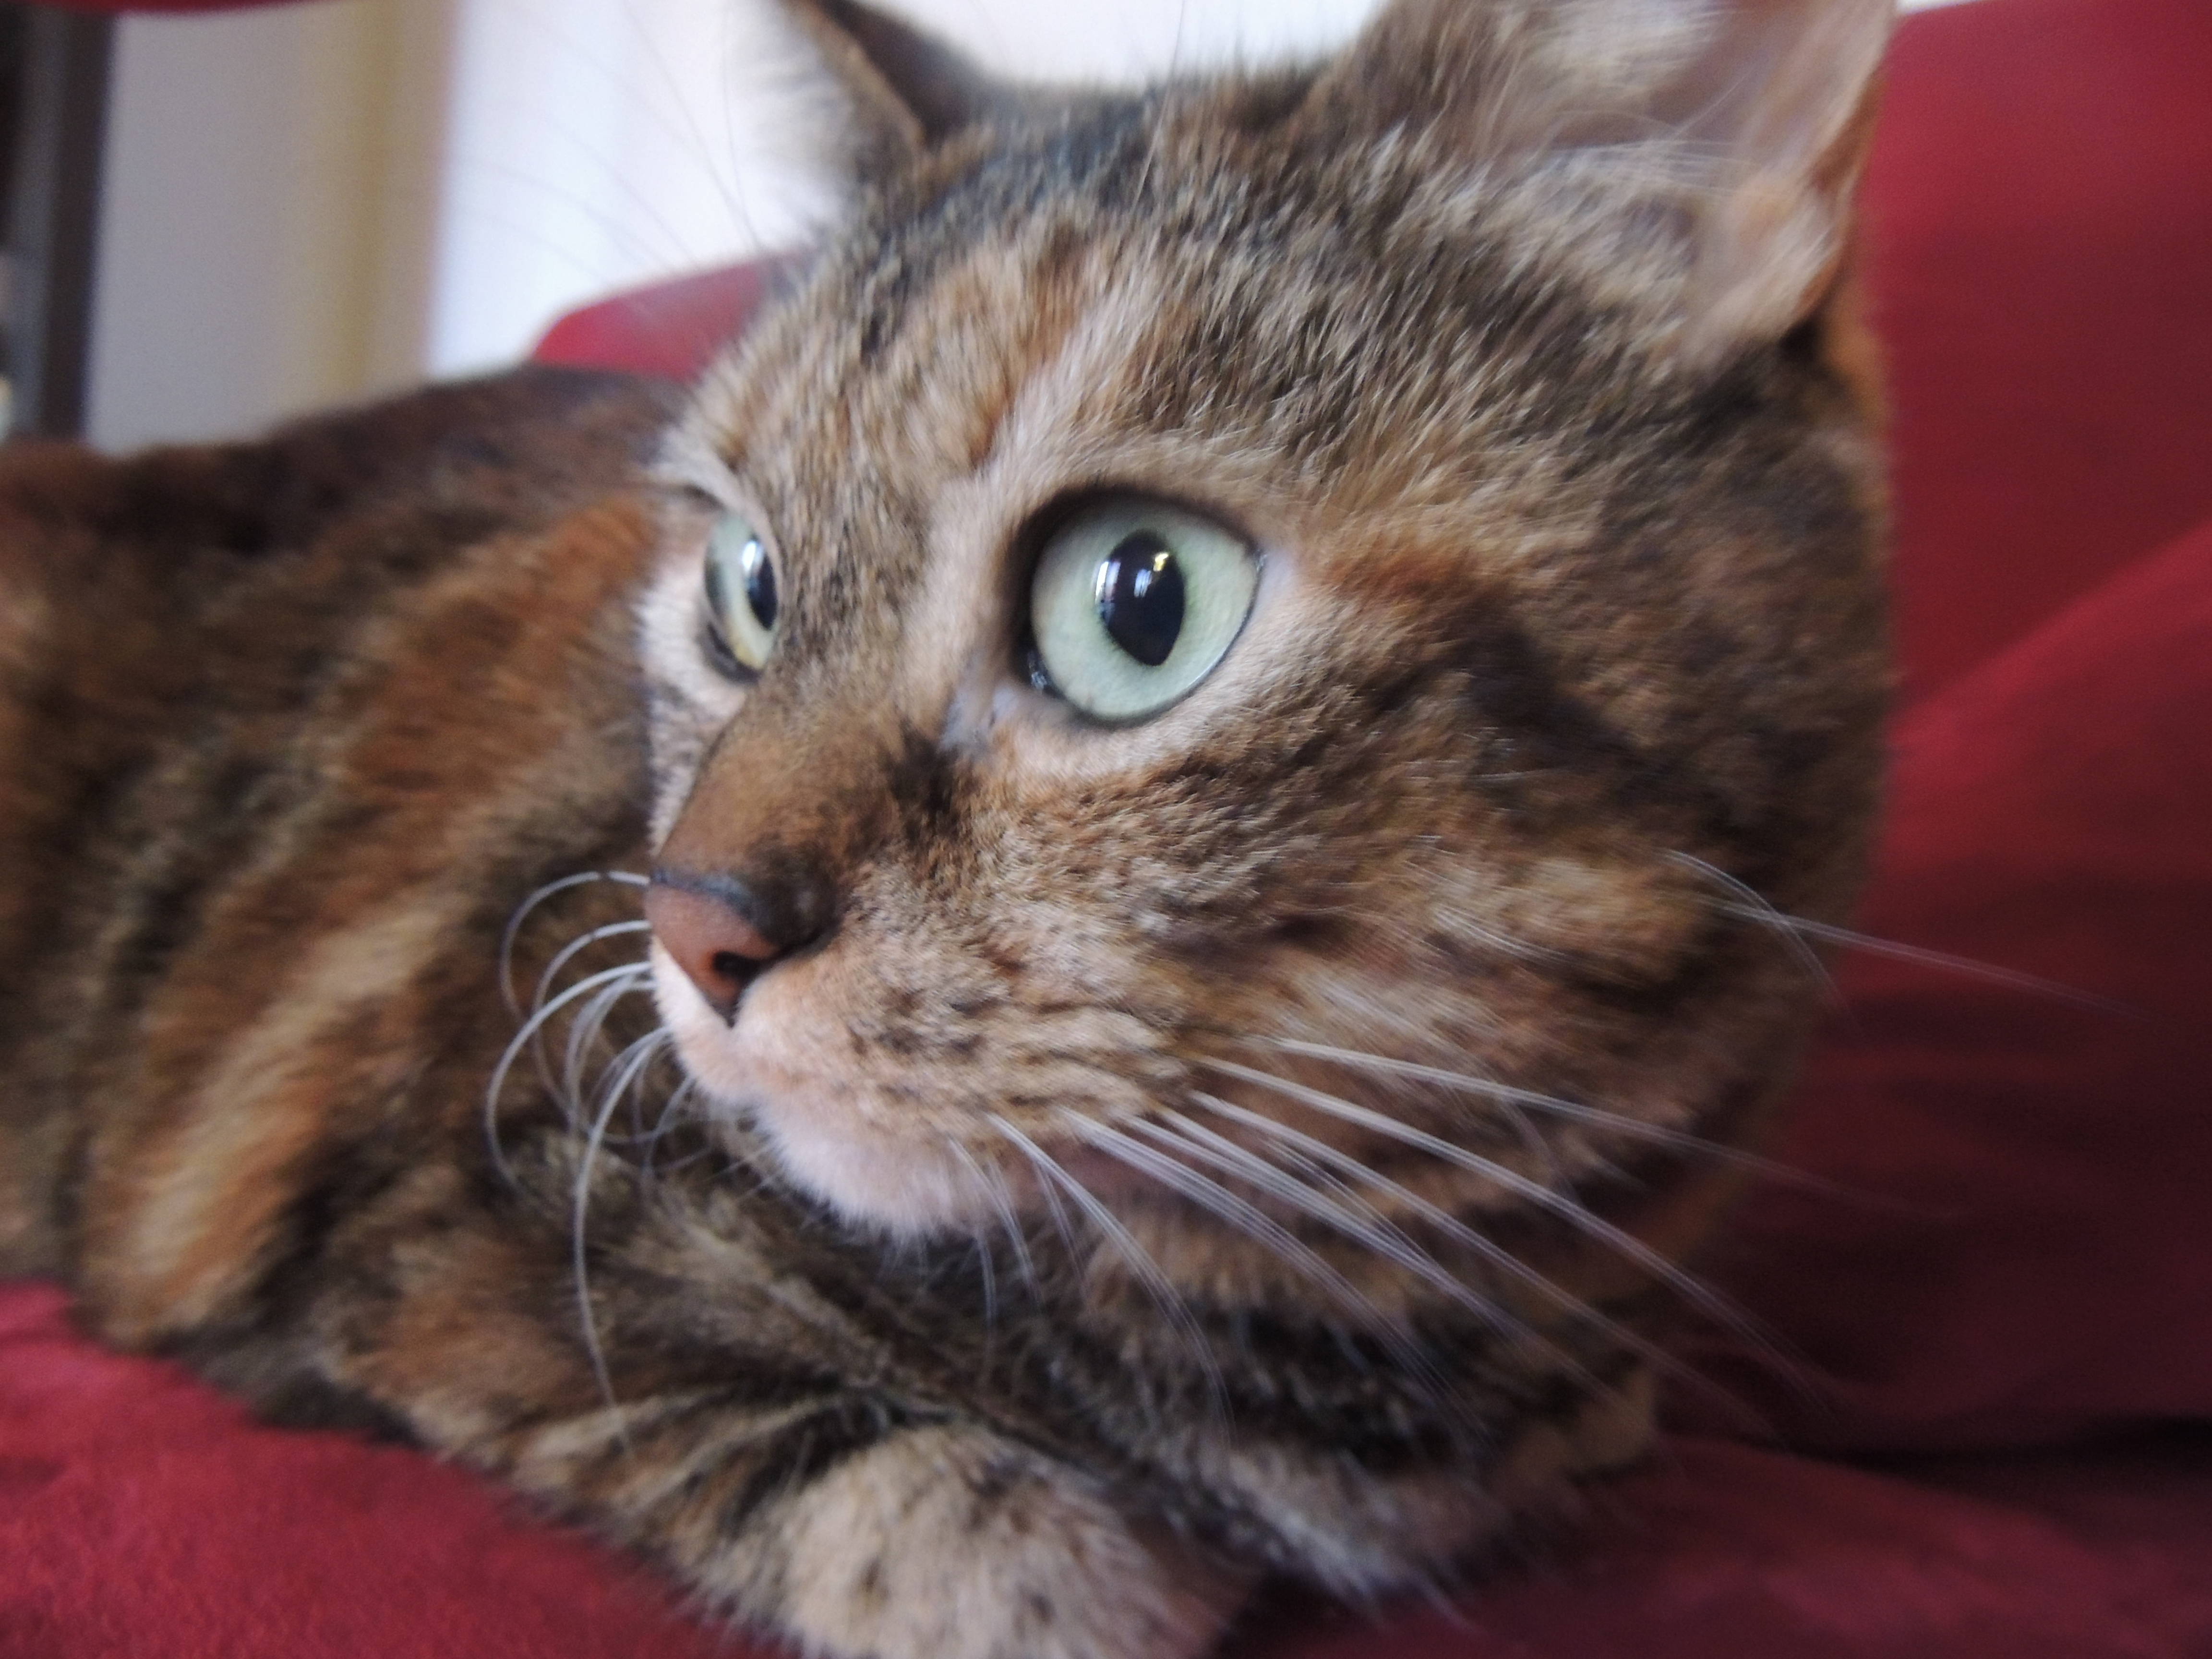 Vorrei sapere cosa ne pensate dell 39 erba 39 spaccapietra for Erba gatta effetti